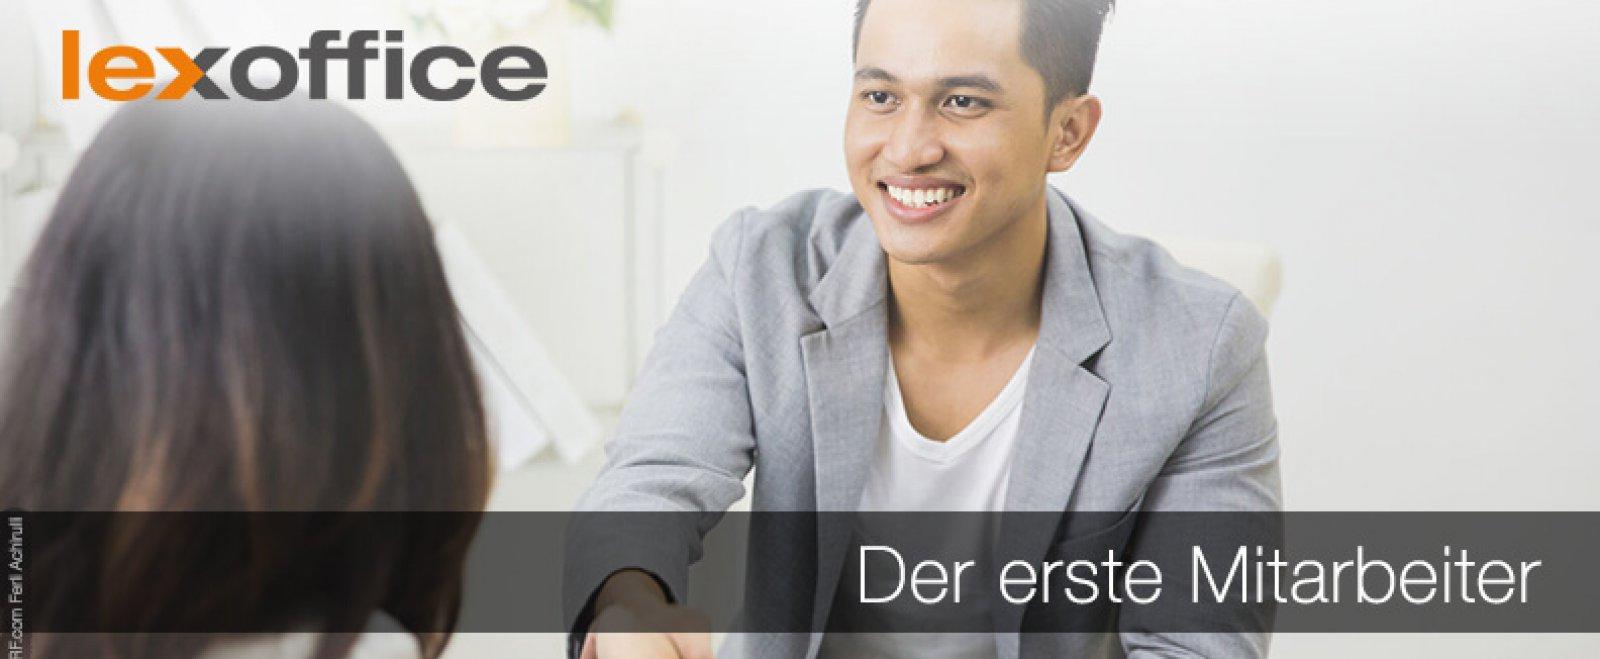 Endlich Arbeitgeber: Der erste Mitarbeiter - und jetzt?